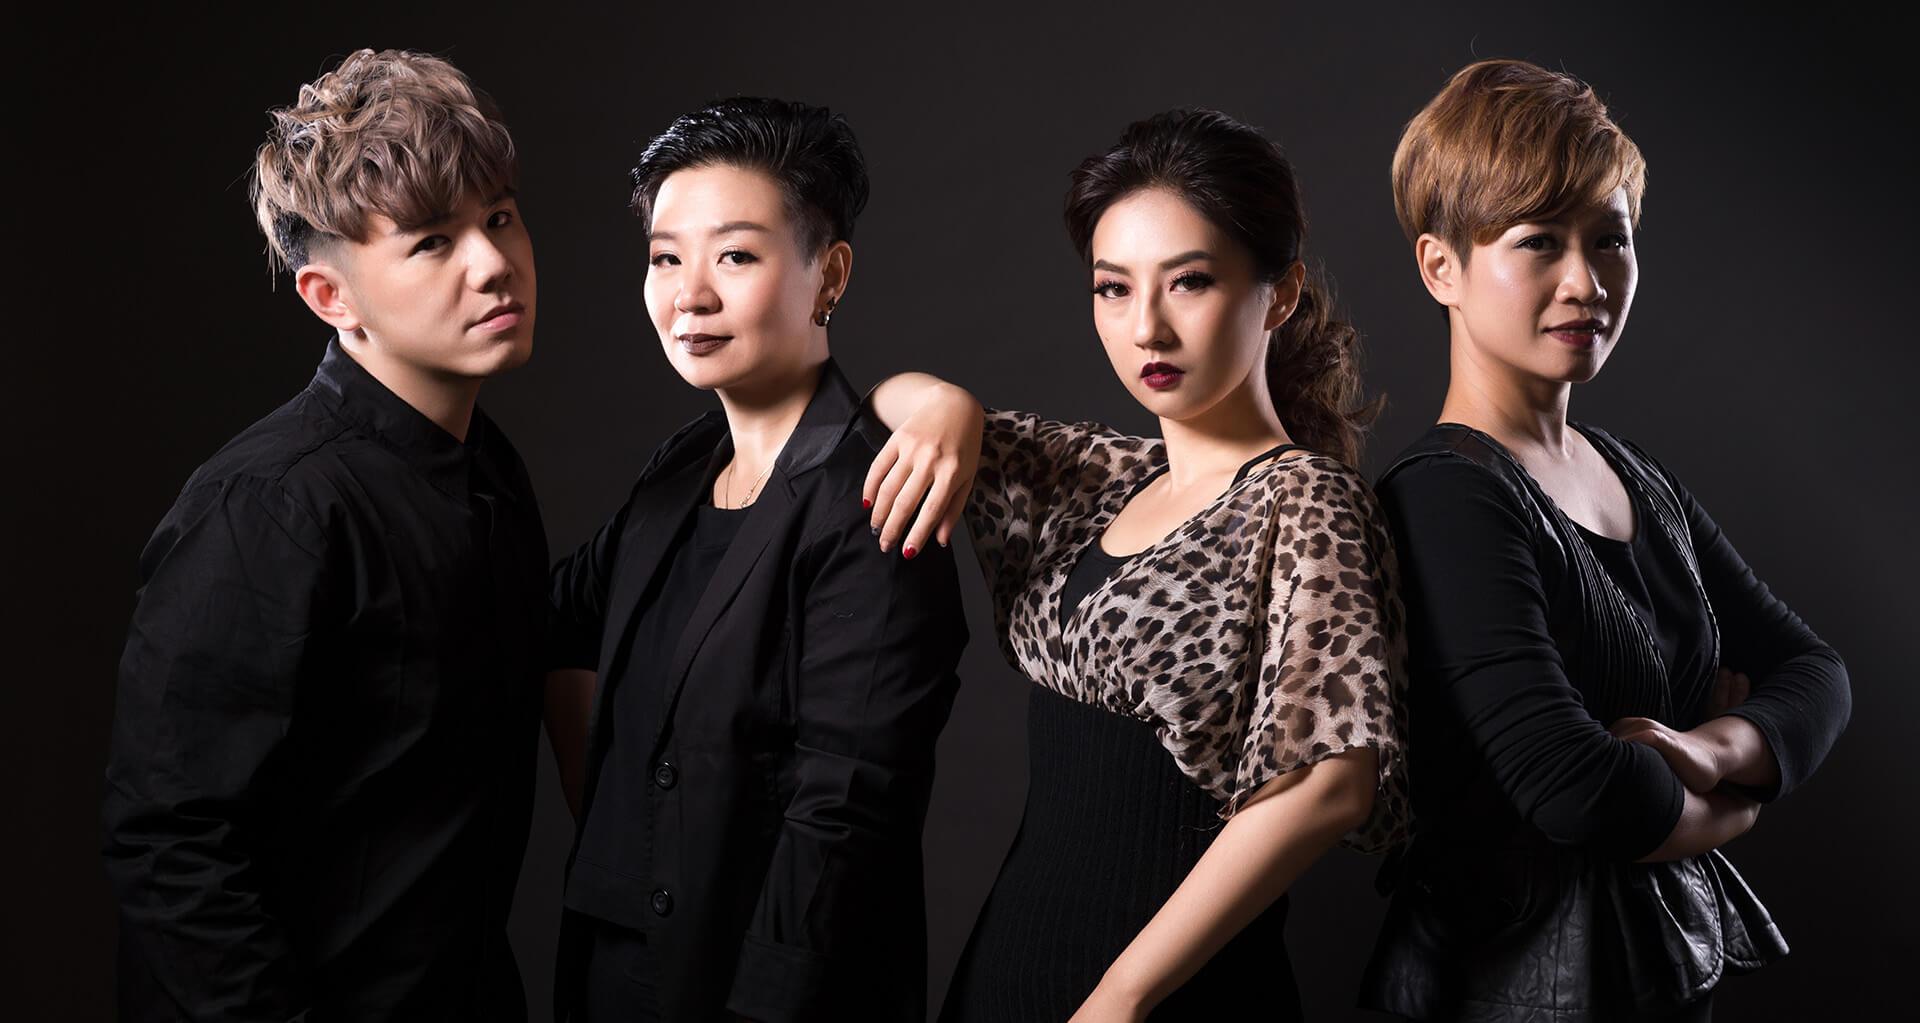 台中新秘 | 新娘秘書 | 新秘推薦 - 獨角獸婚禮團隊